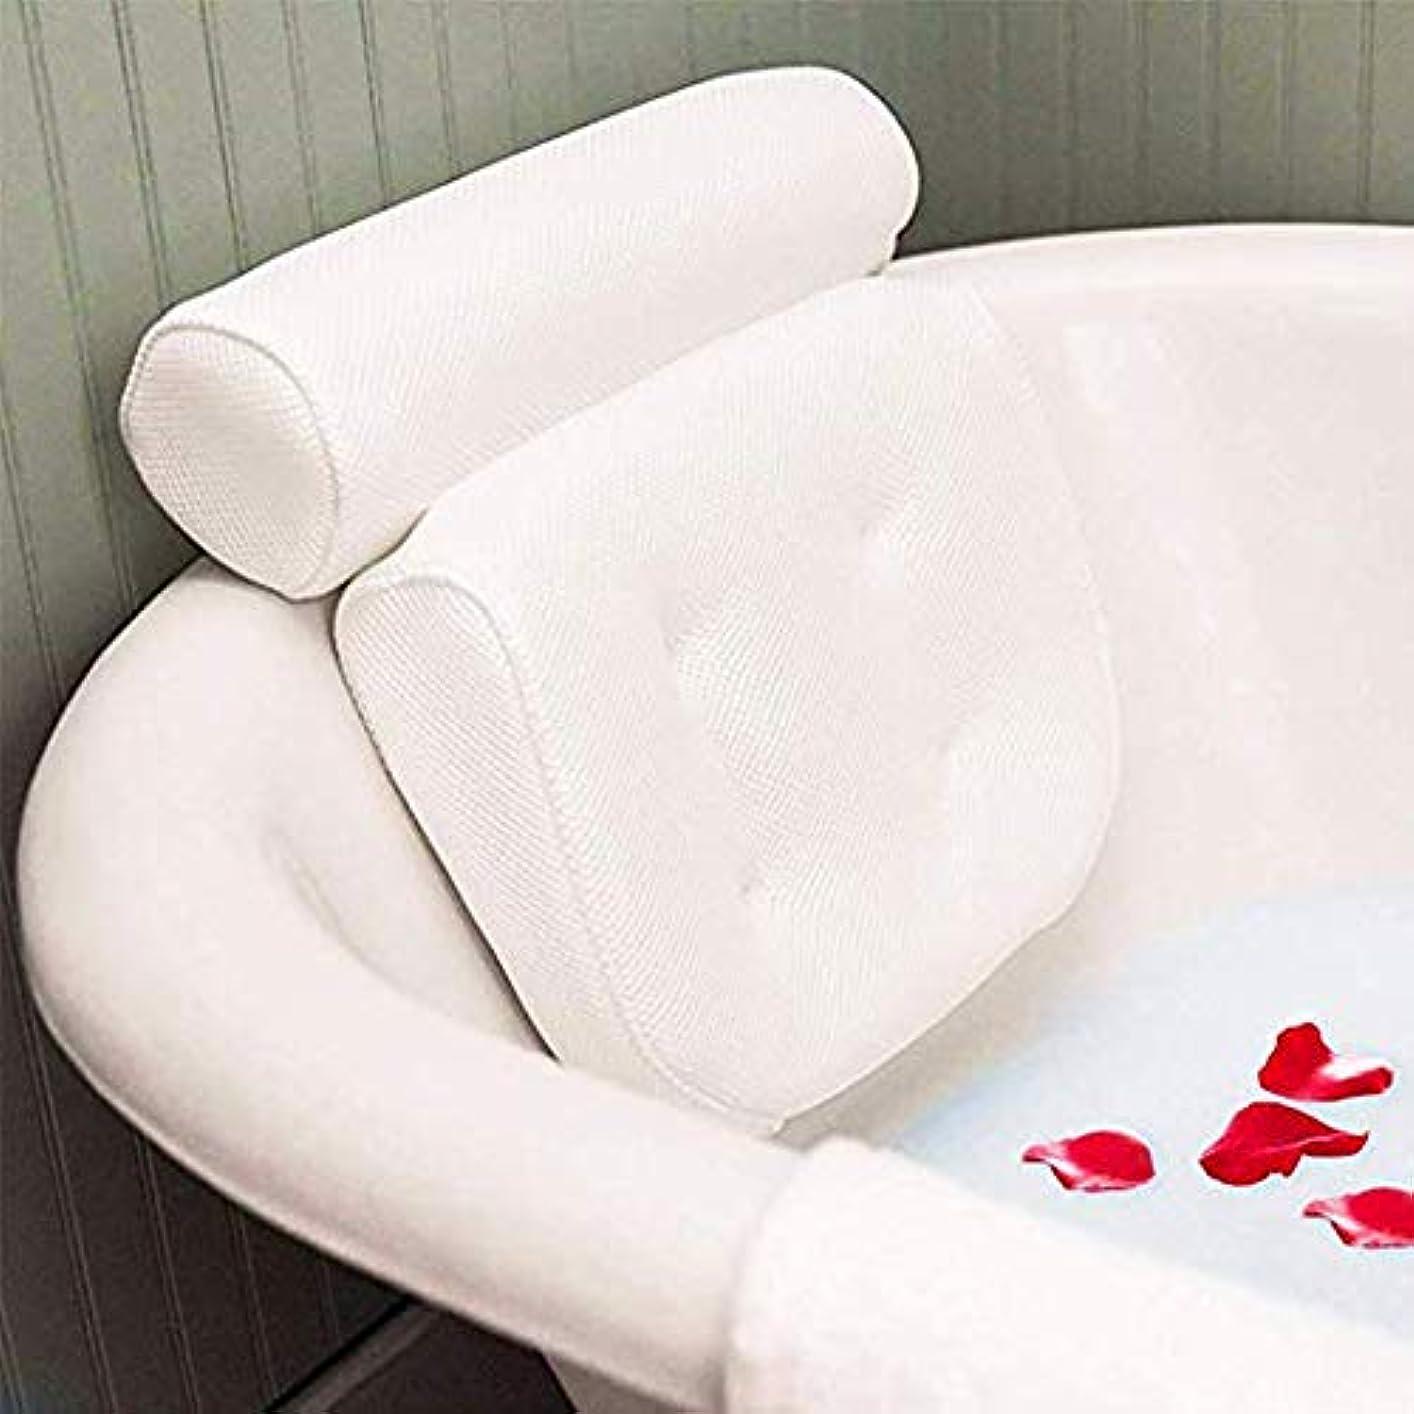 やろうバレエ甲虫頭、首、肩と背中のサポートが付いている浴槽スパ枕、滑り止め4大型サクションカップはどんな浴槽にもフィットし、抗菌性です。,White